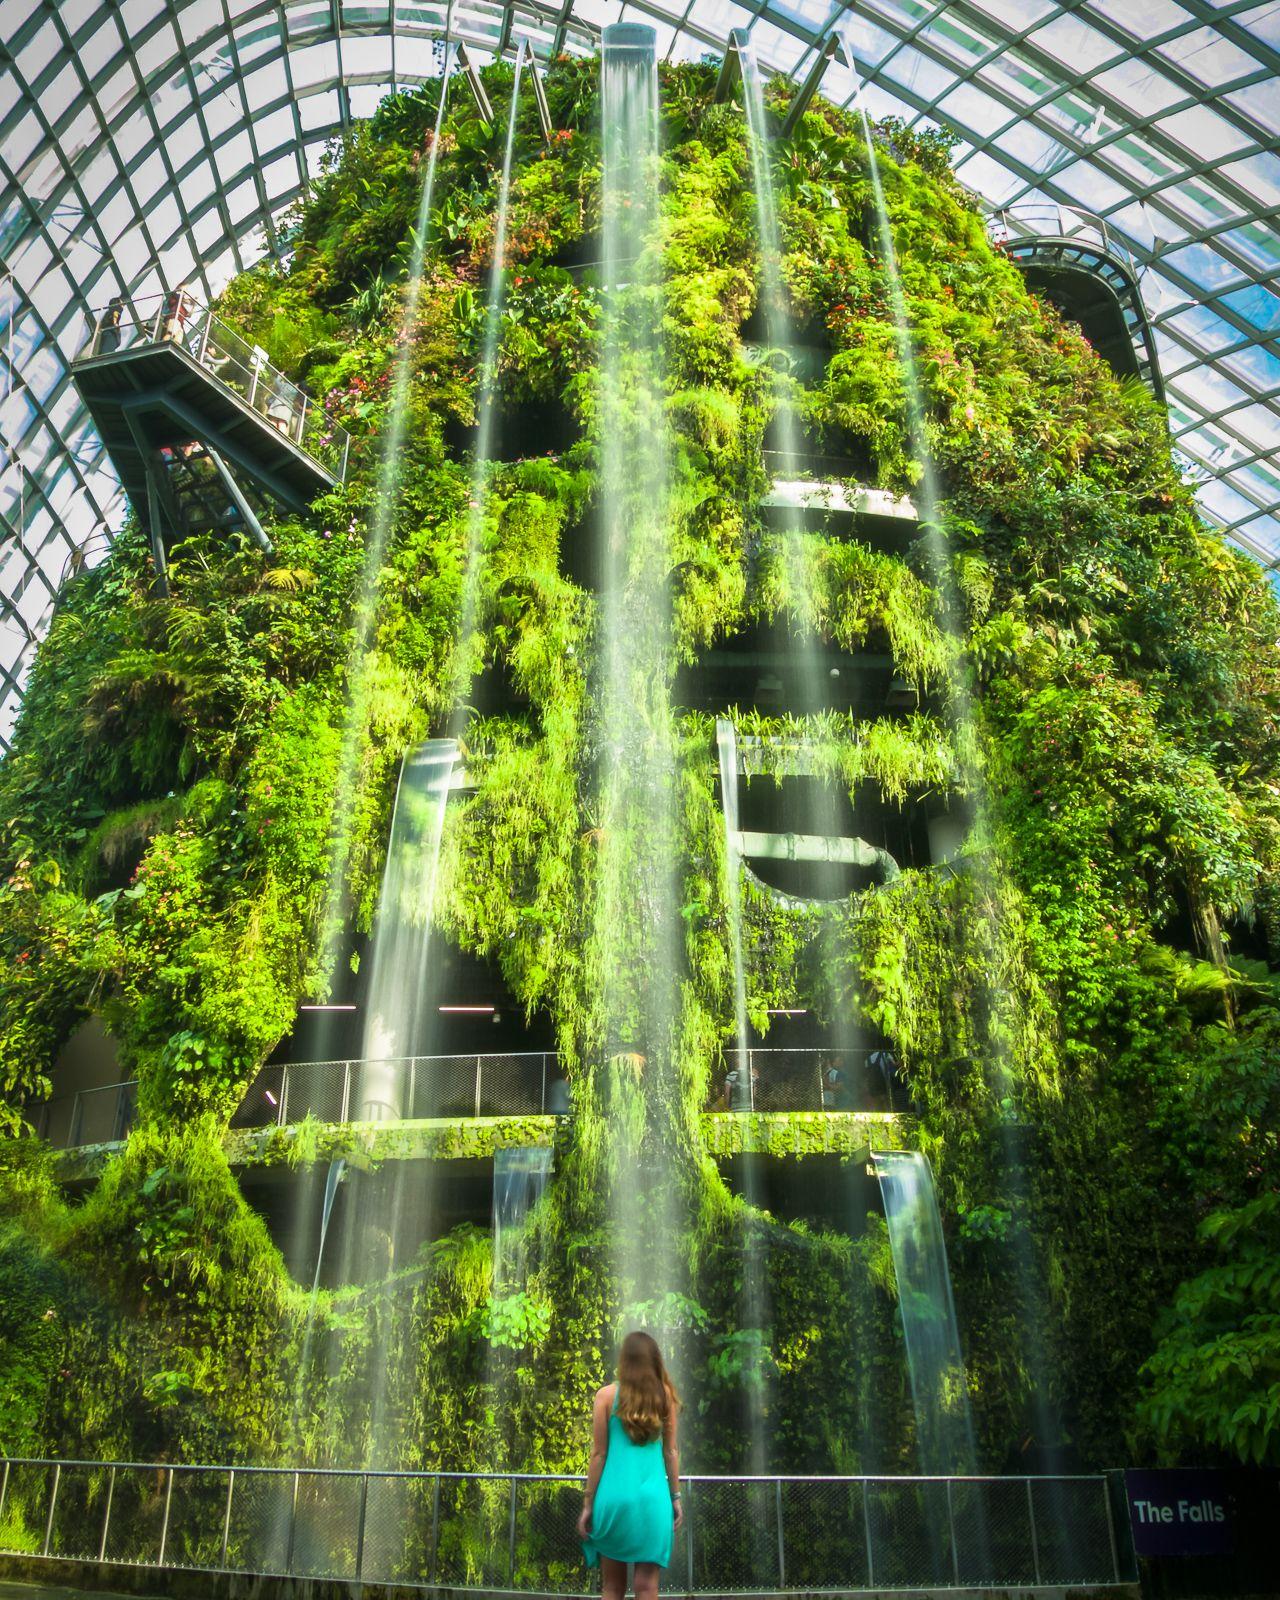 fa76d059e94d1445e9e03d218095d18c - Gardens By The Bay Cloud Forest Dome